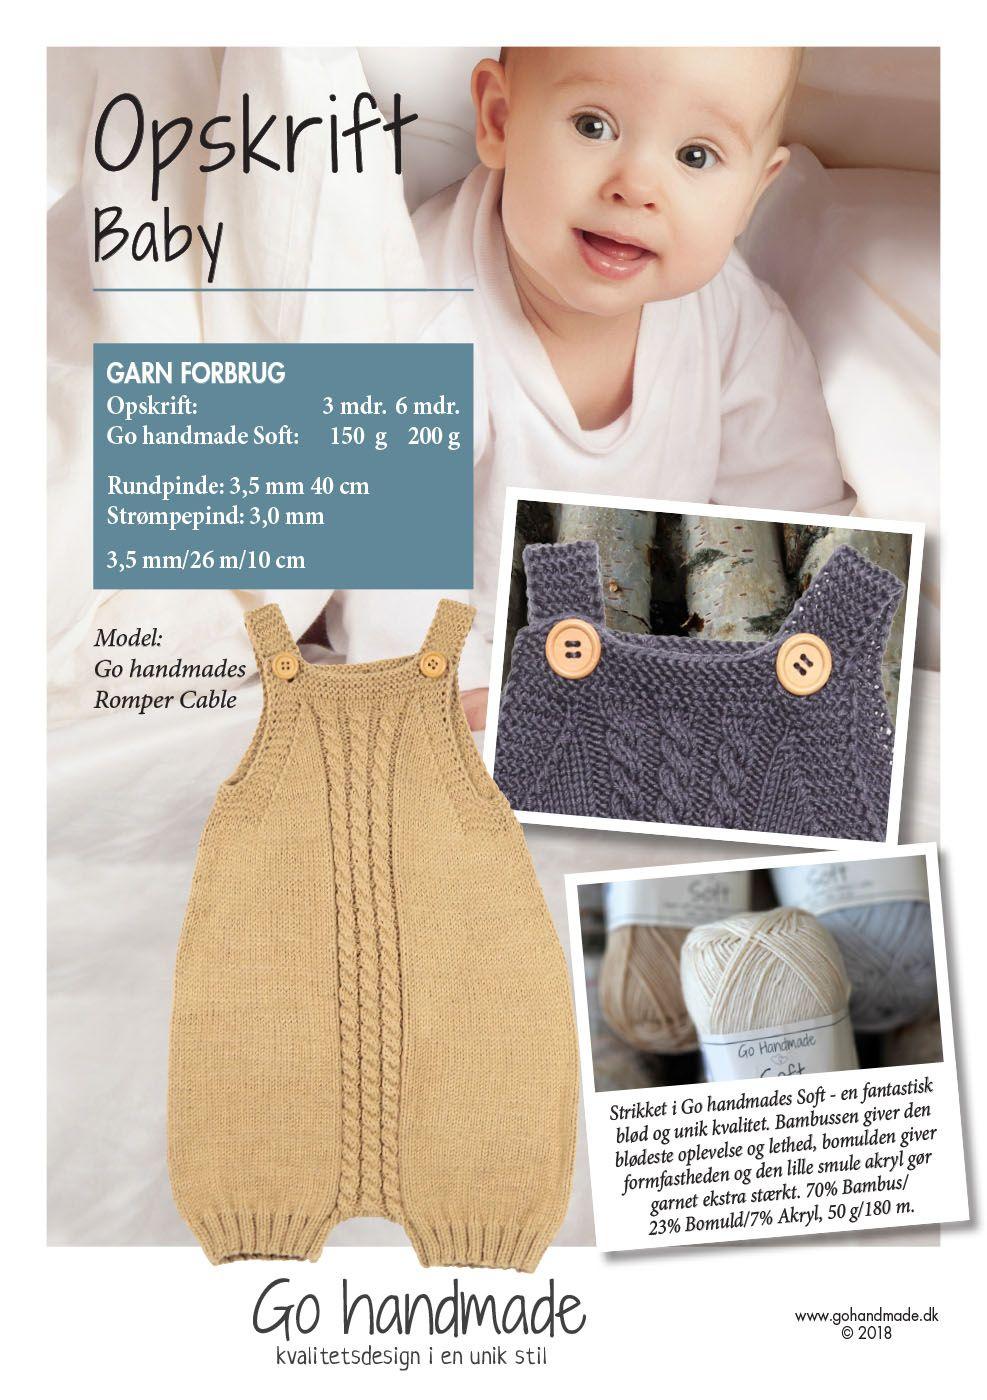 4348fd09de7 Romper Classic GARN FORBRUG: Str. 3 måneder: 150 g Go handmade Soft garn  Str. 6 måneder: 200 g Go.